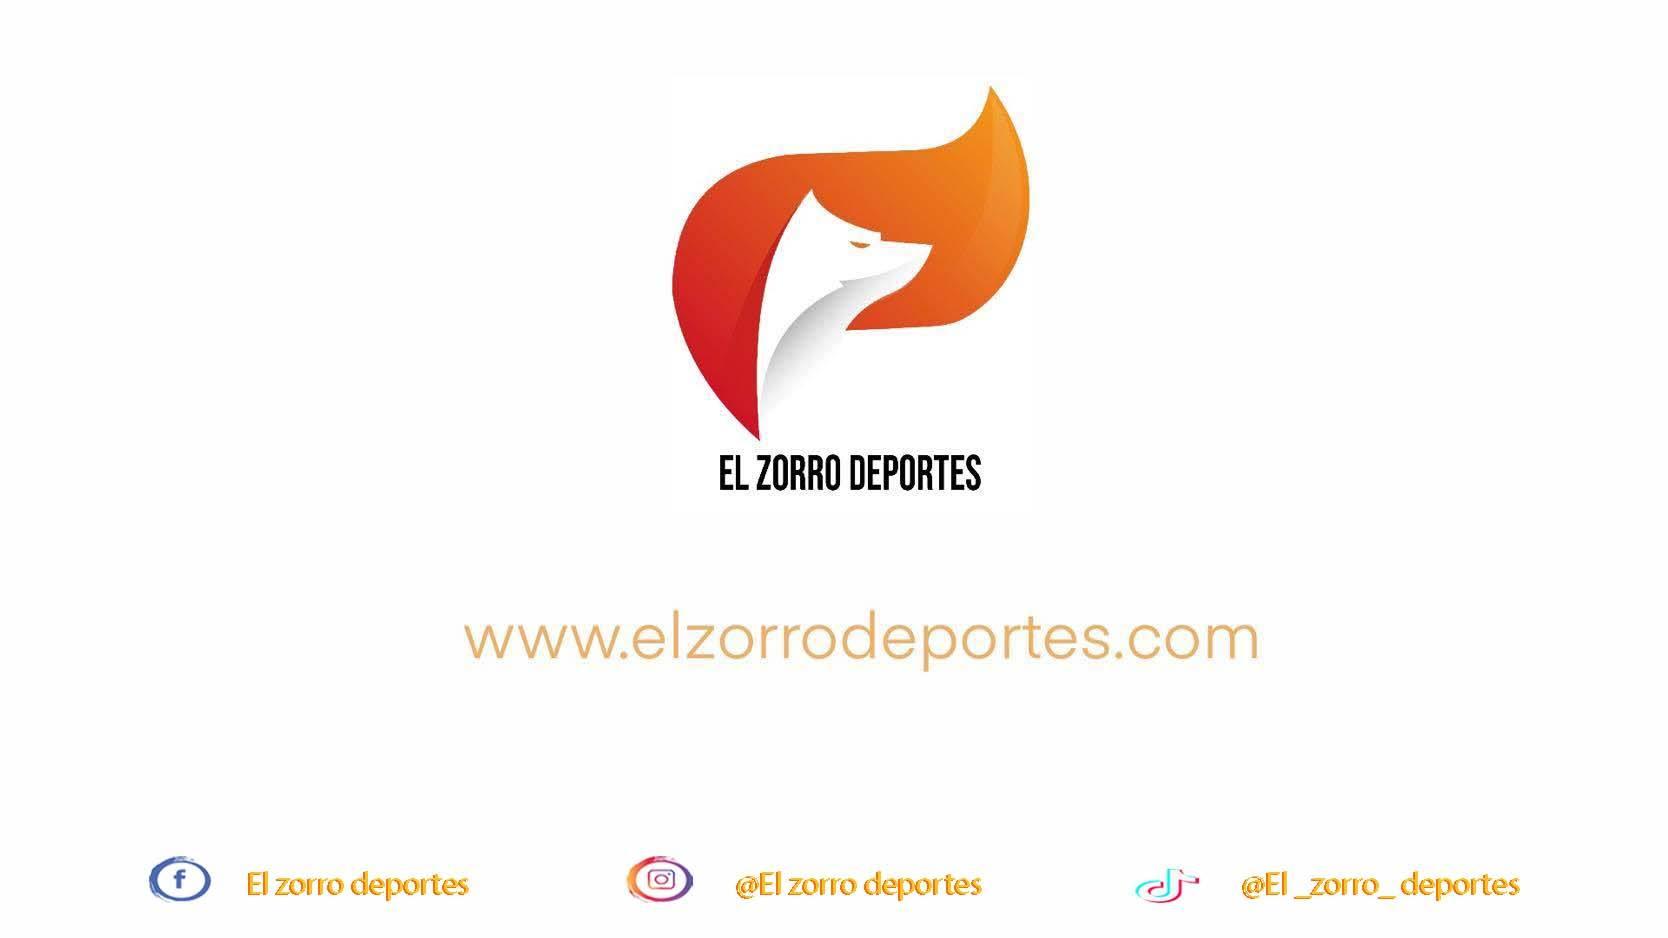 El Zorro Deportes